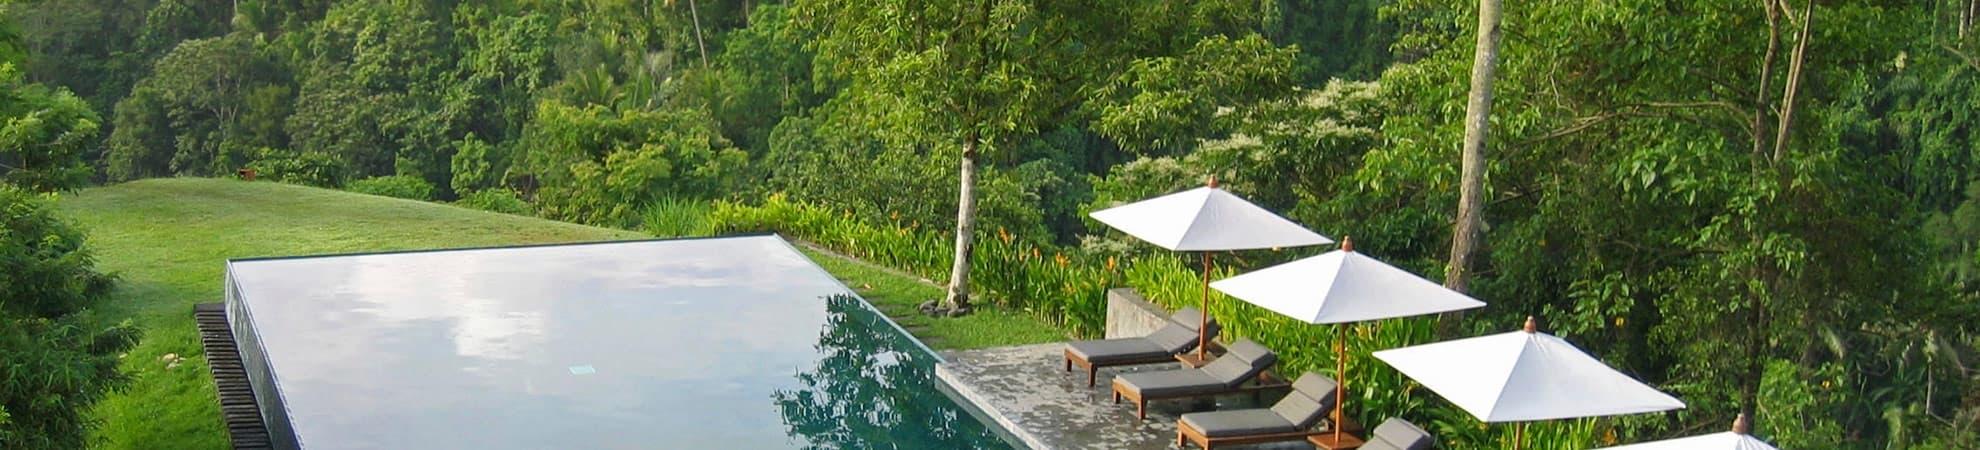 Hôtels Bali 4 étoiles superieur